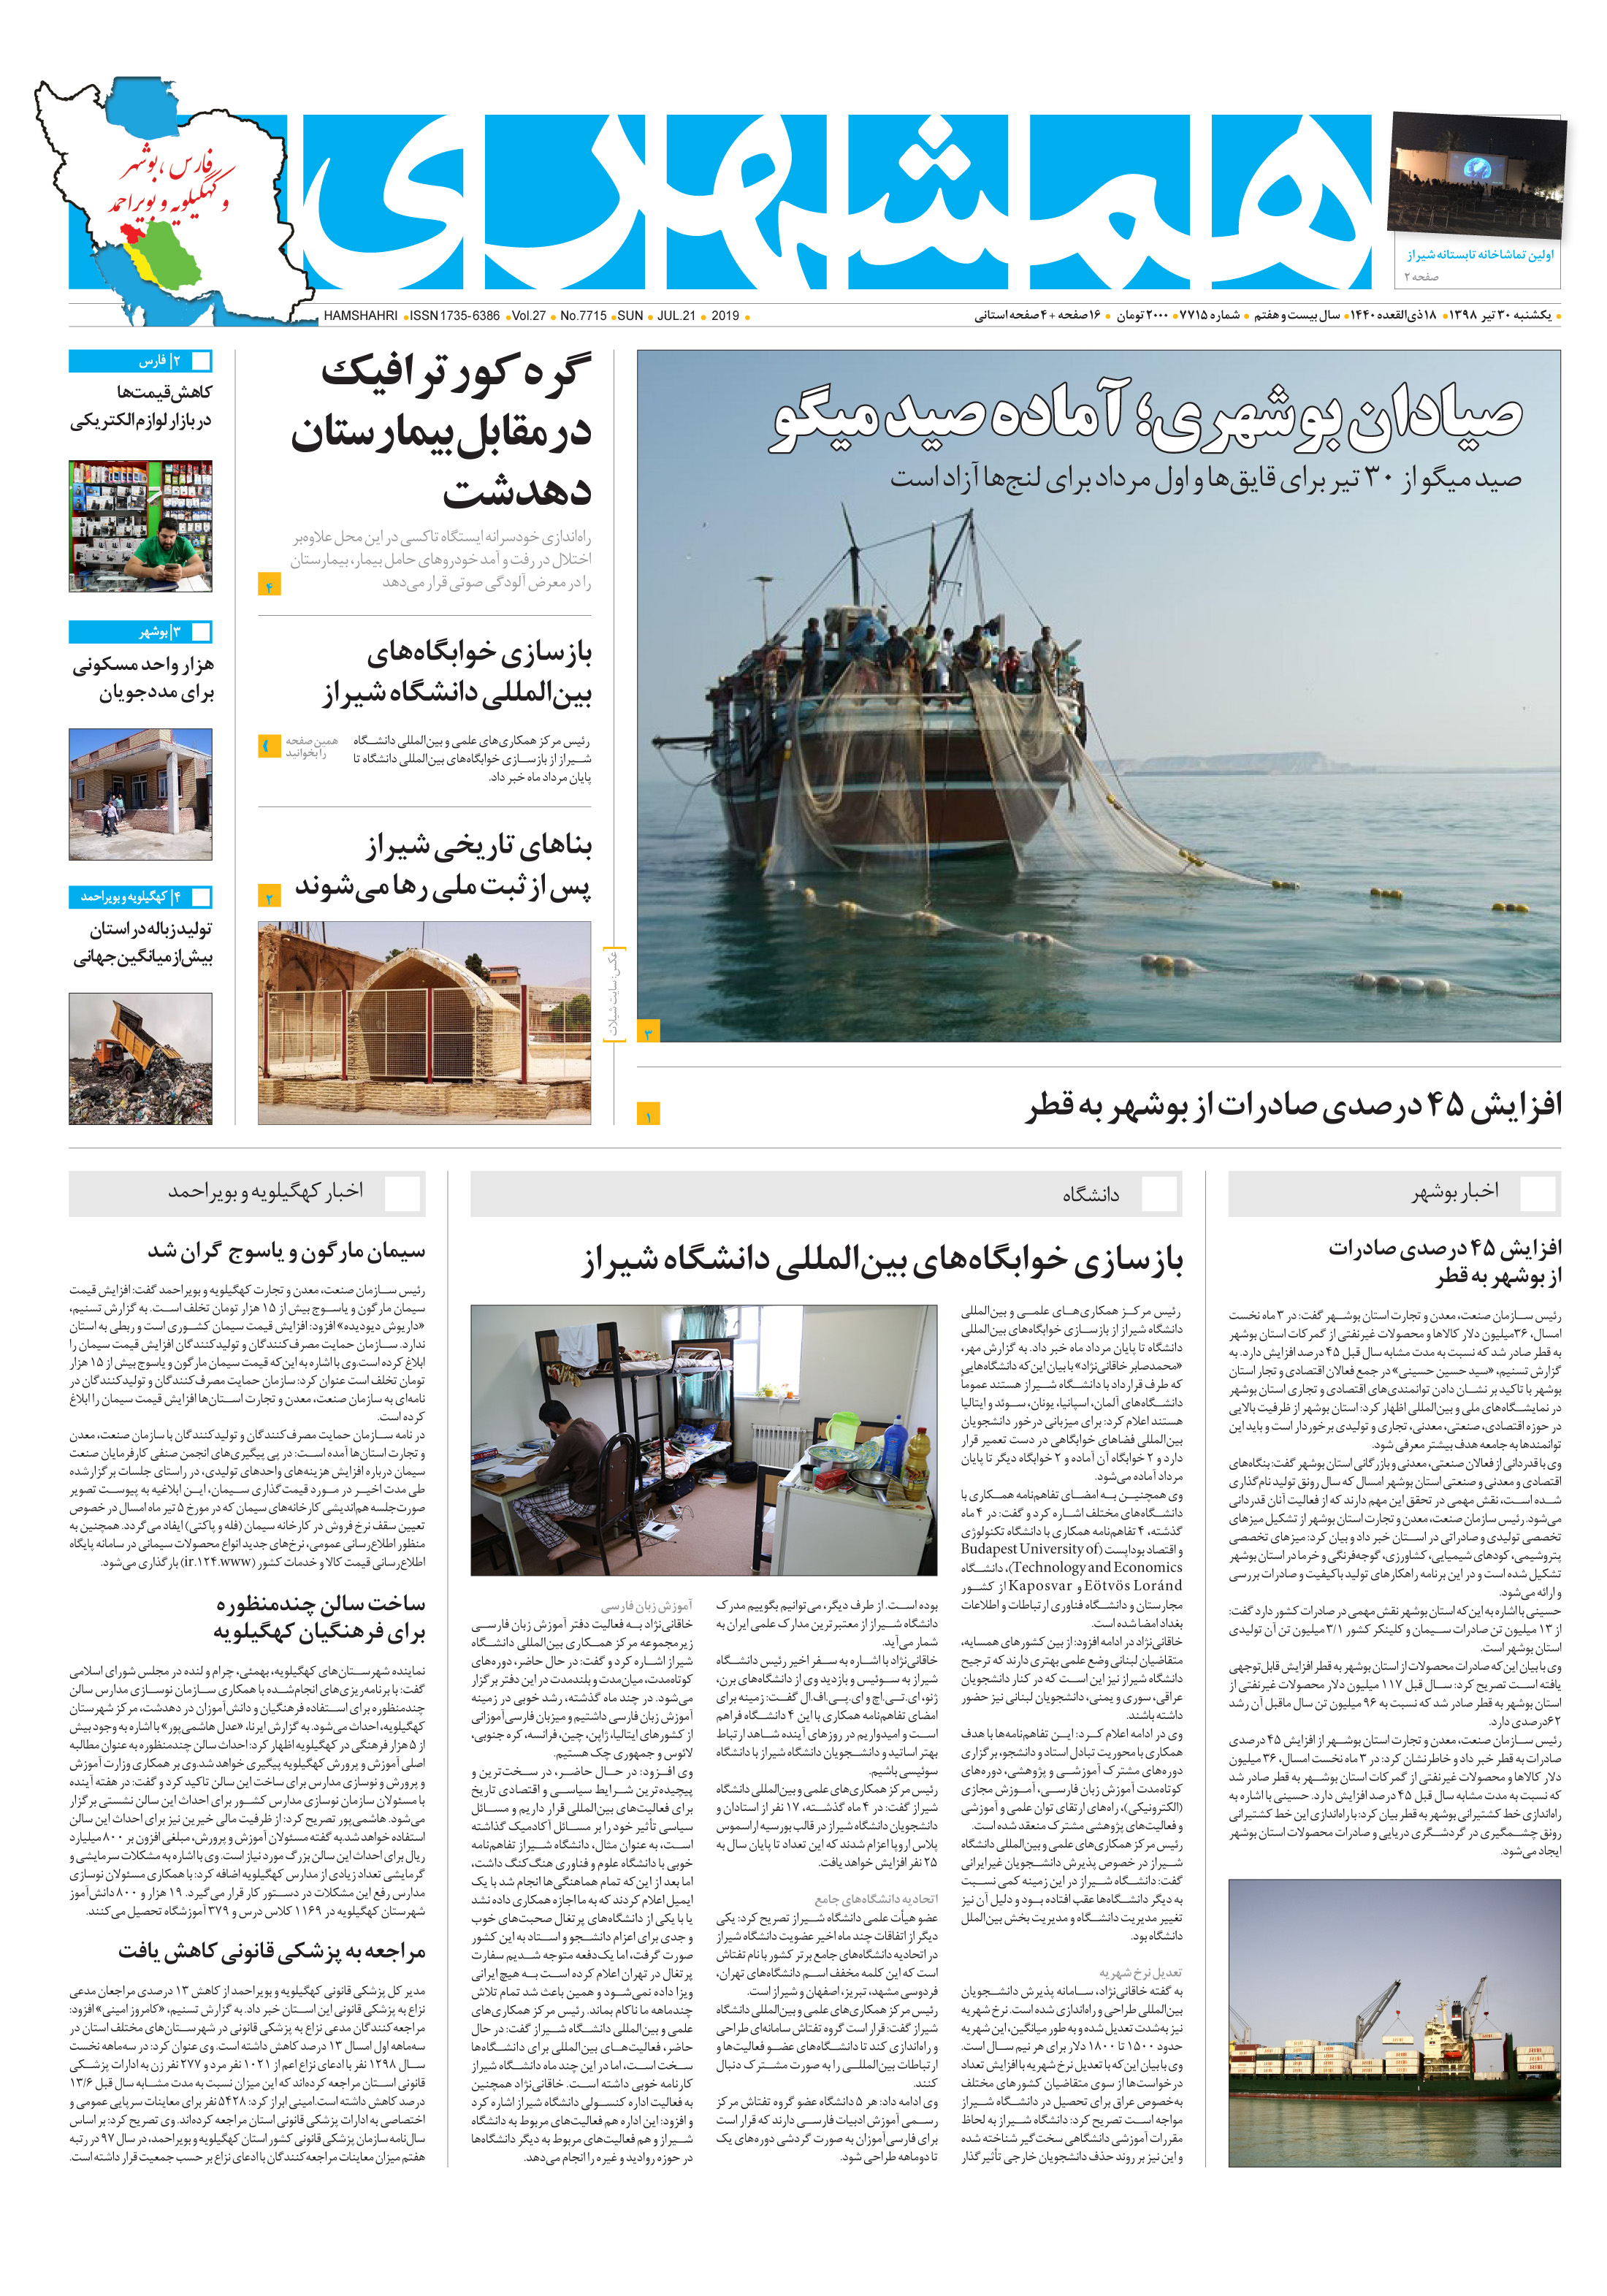 فارس، بوشهر، کهکیلویه و بویر احمد